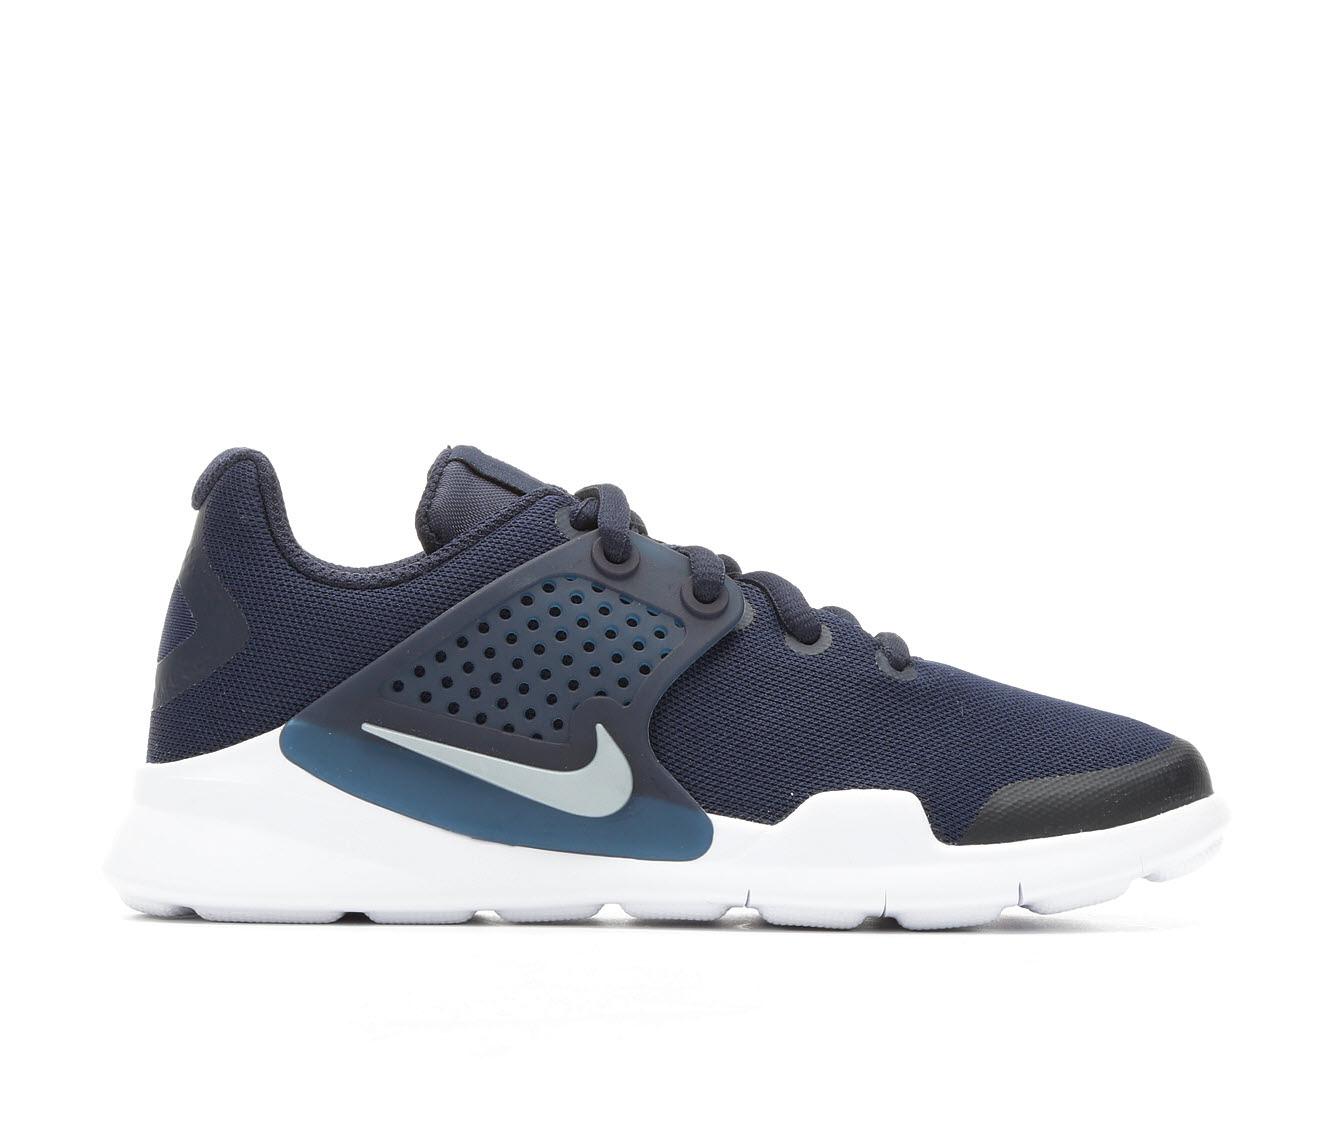 Boys' Nike Arrowz Running Shoes (Blue - Size 10.5 - Little Kid) 1677850